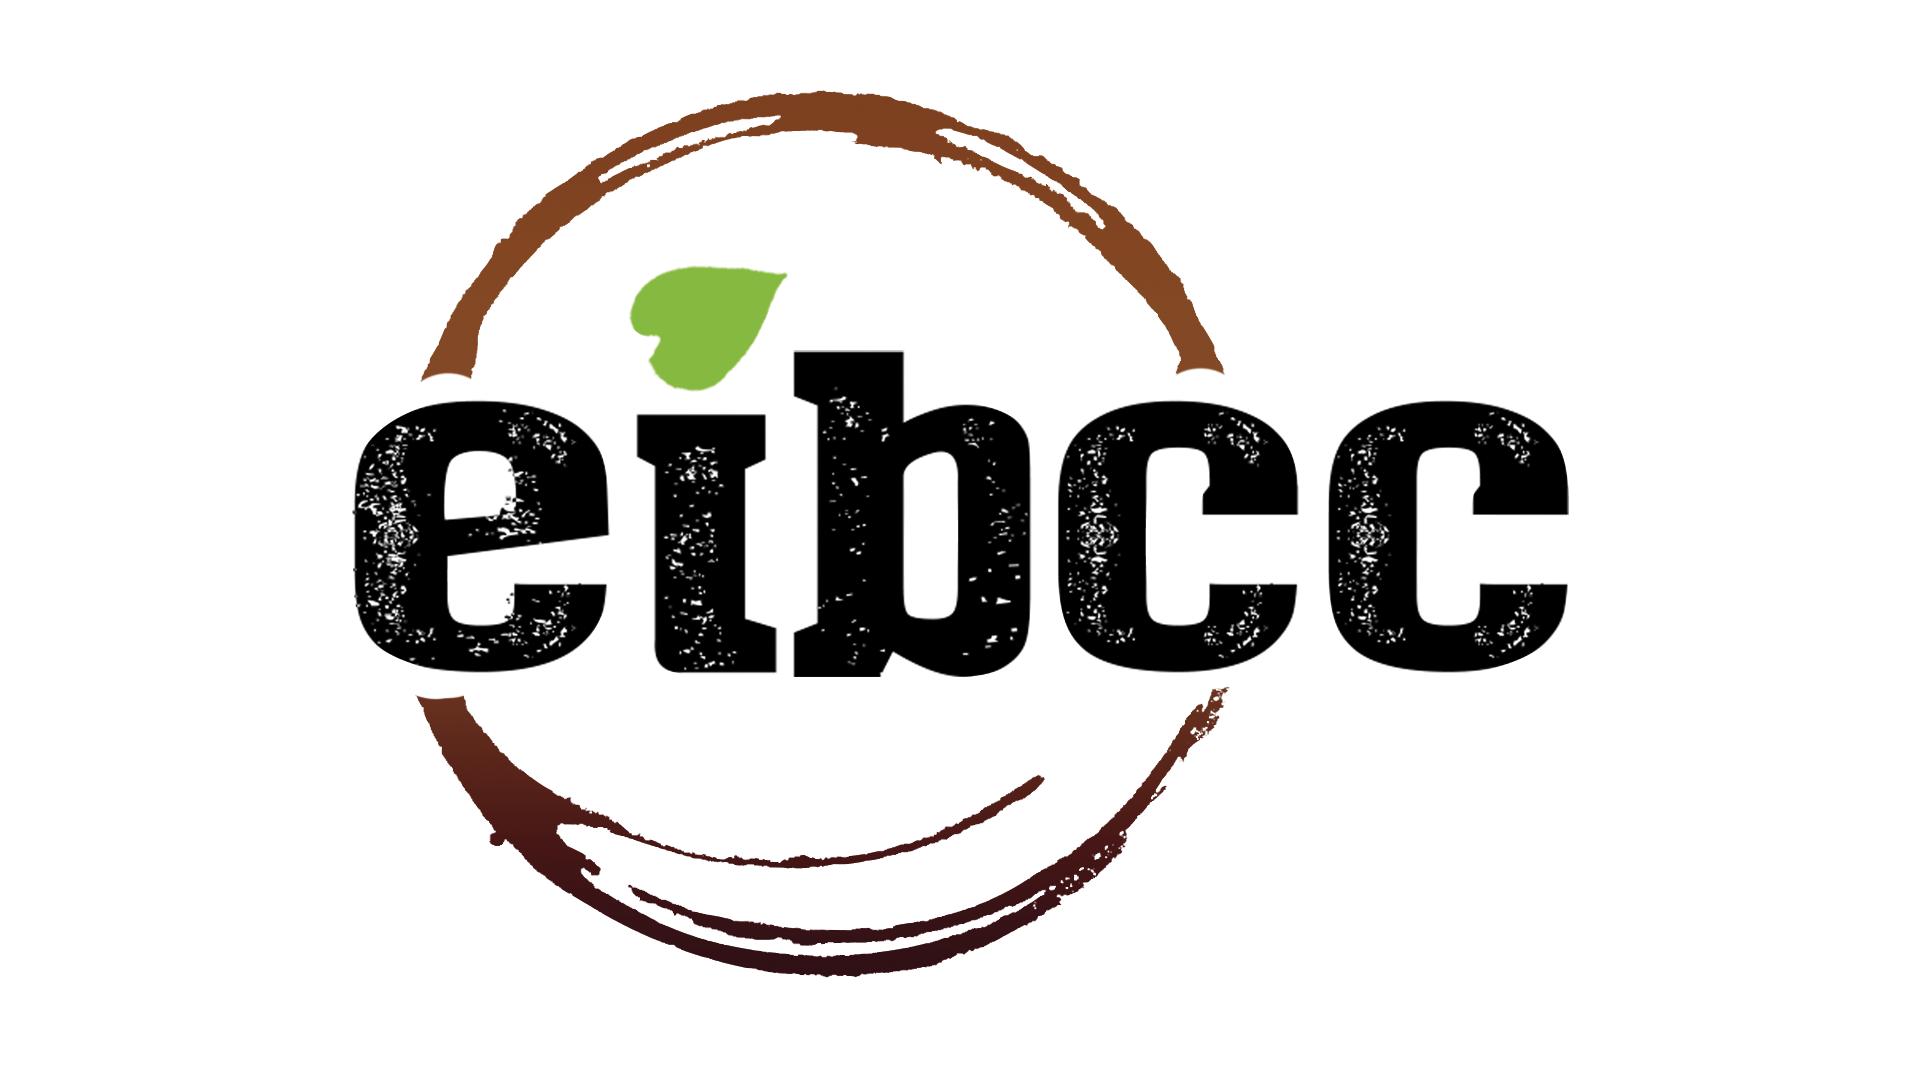 eibcc vector colored